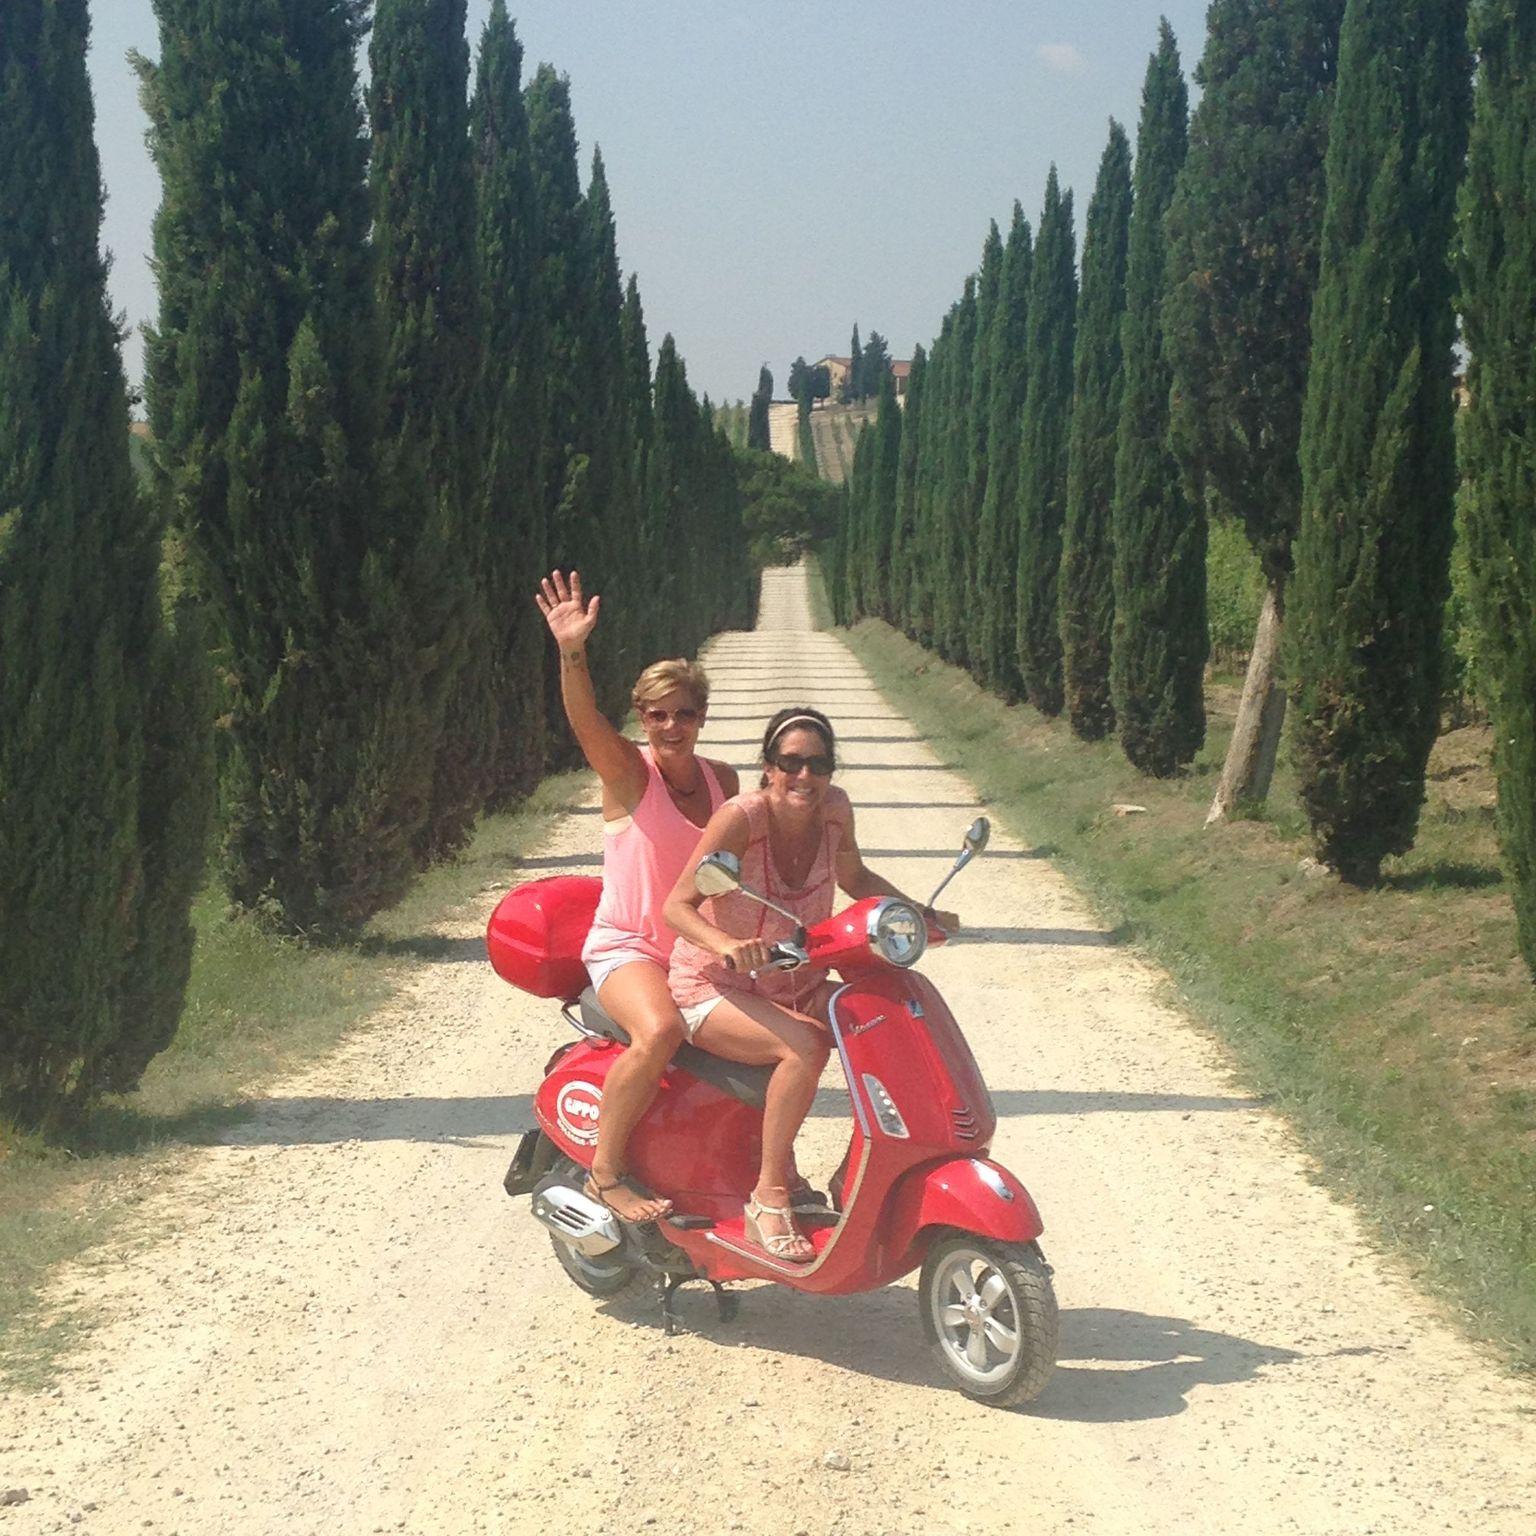 MÁS FOTOS, Excursión en Vespa por Siena con almuerzo en una bodega Chianti